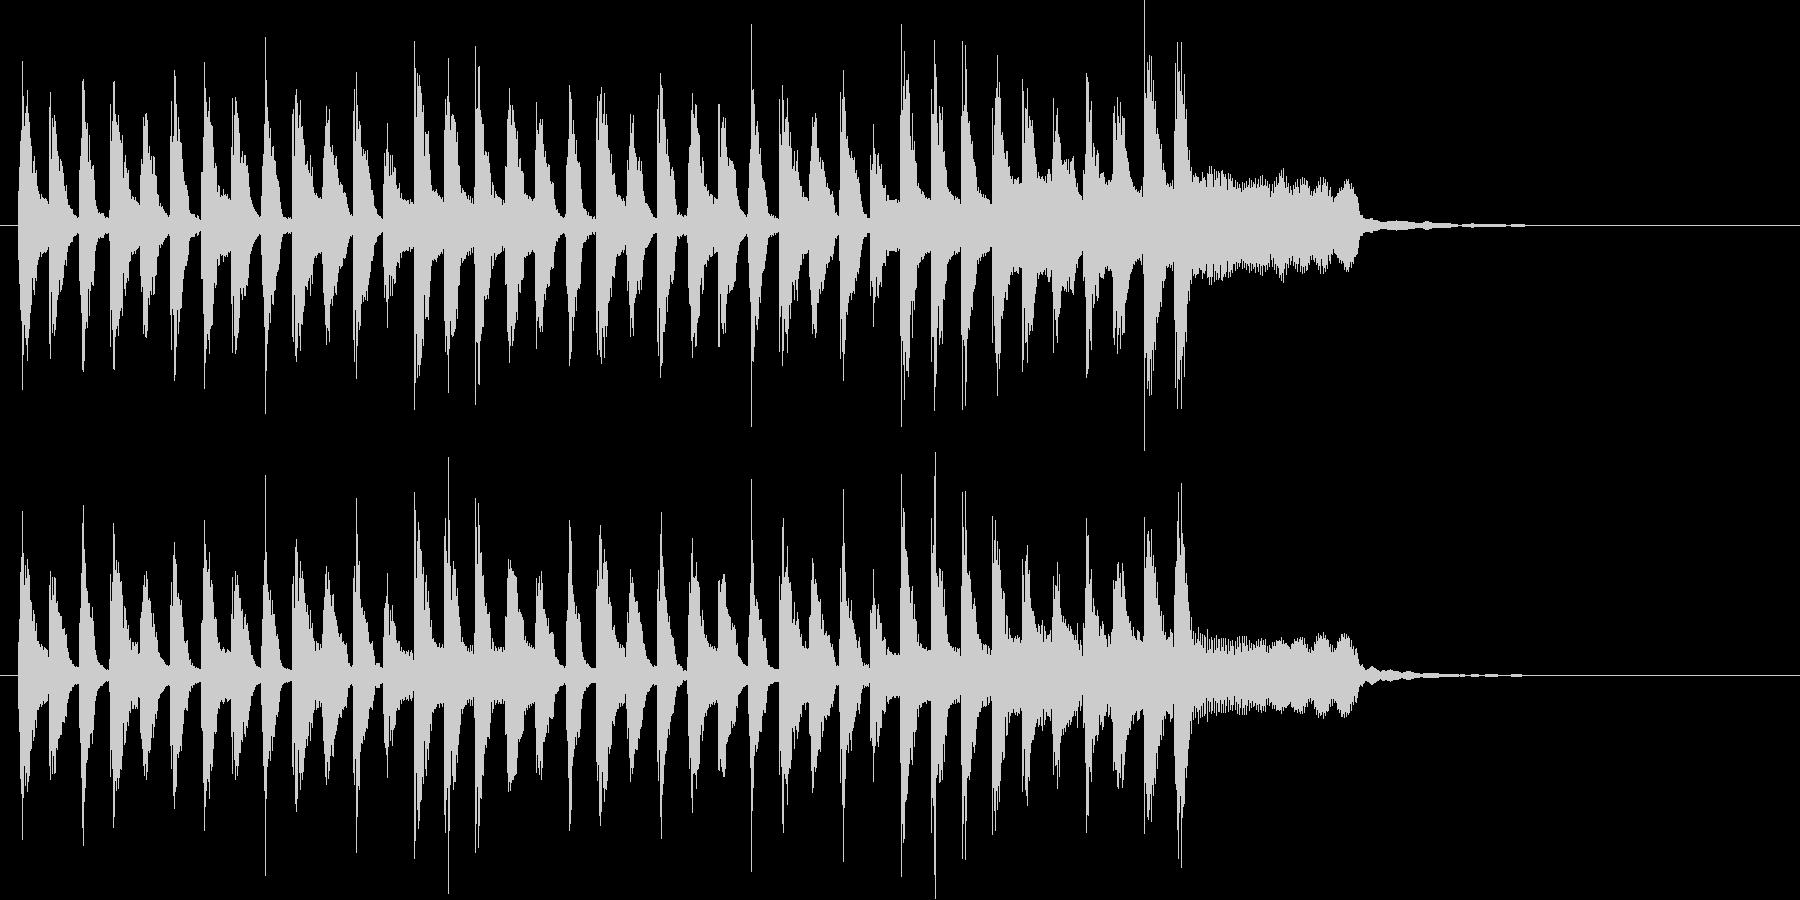 和楽器のほのぼのしたメロディの和風ポップの未再生の波形